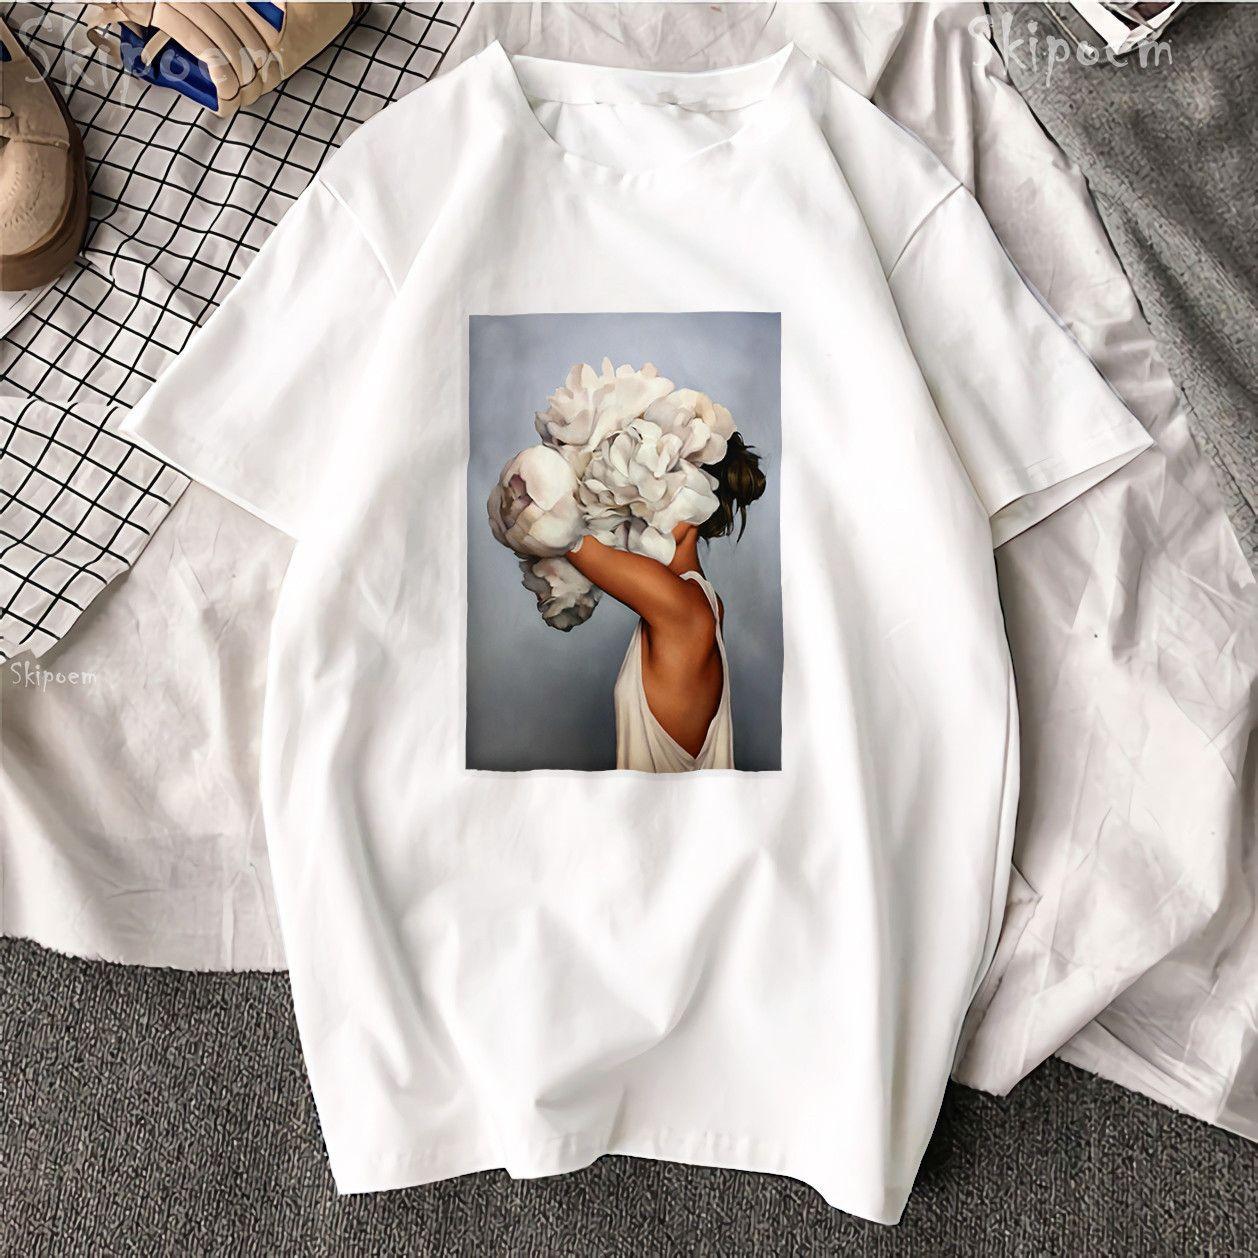 Nouveau coton Harajuku esthétique t-shirt Sexy fleurs plume imprimé à manches courtes hauts et t-shirts mode décontracté Couple t-shirt